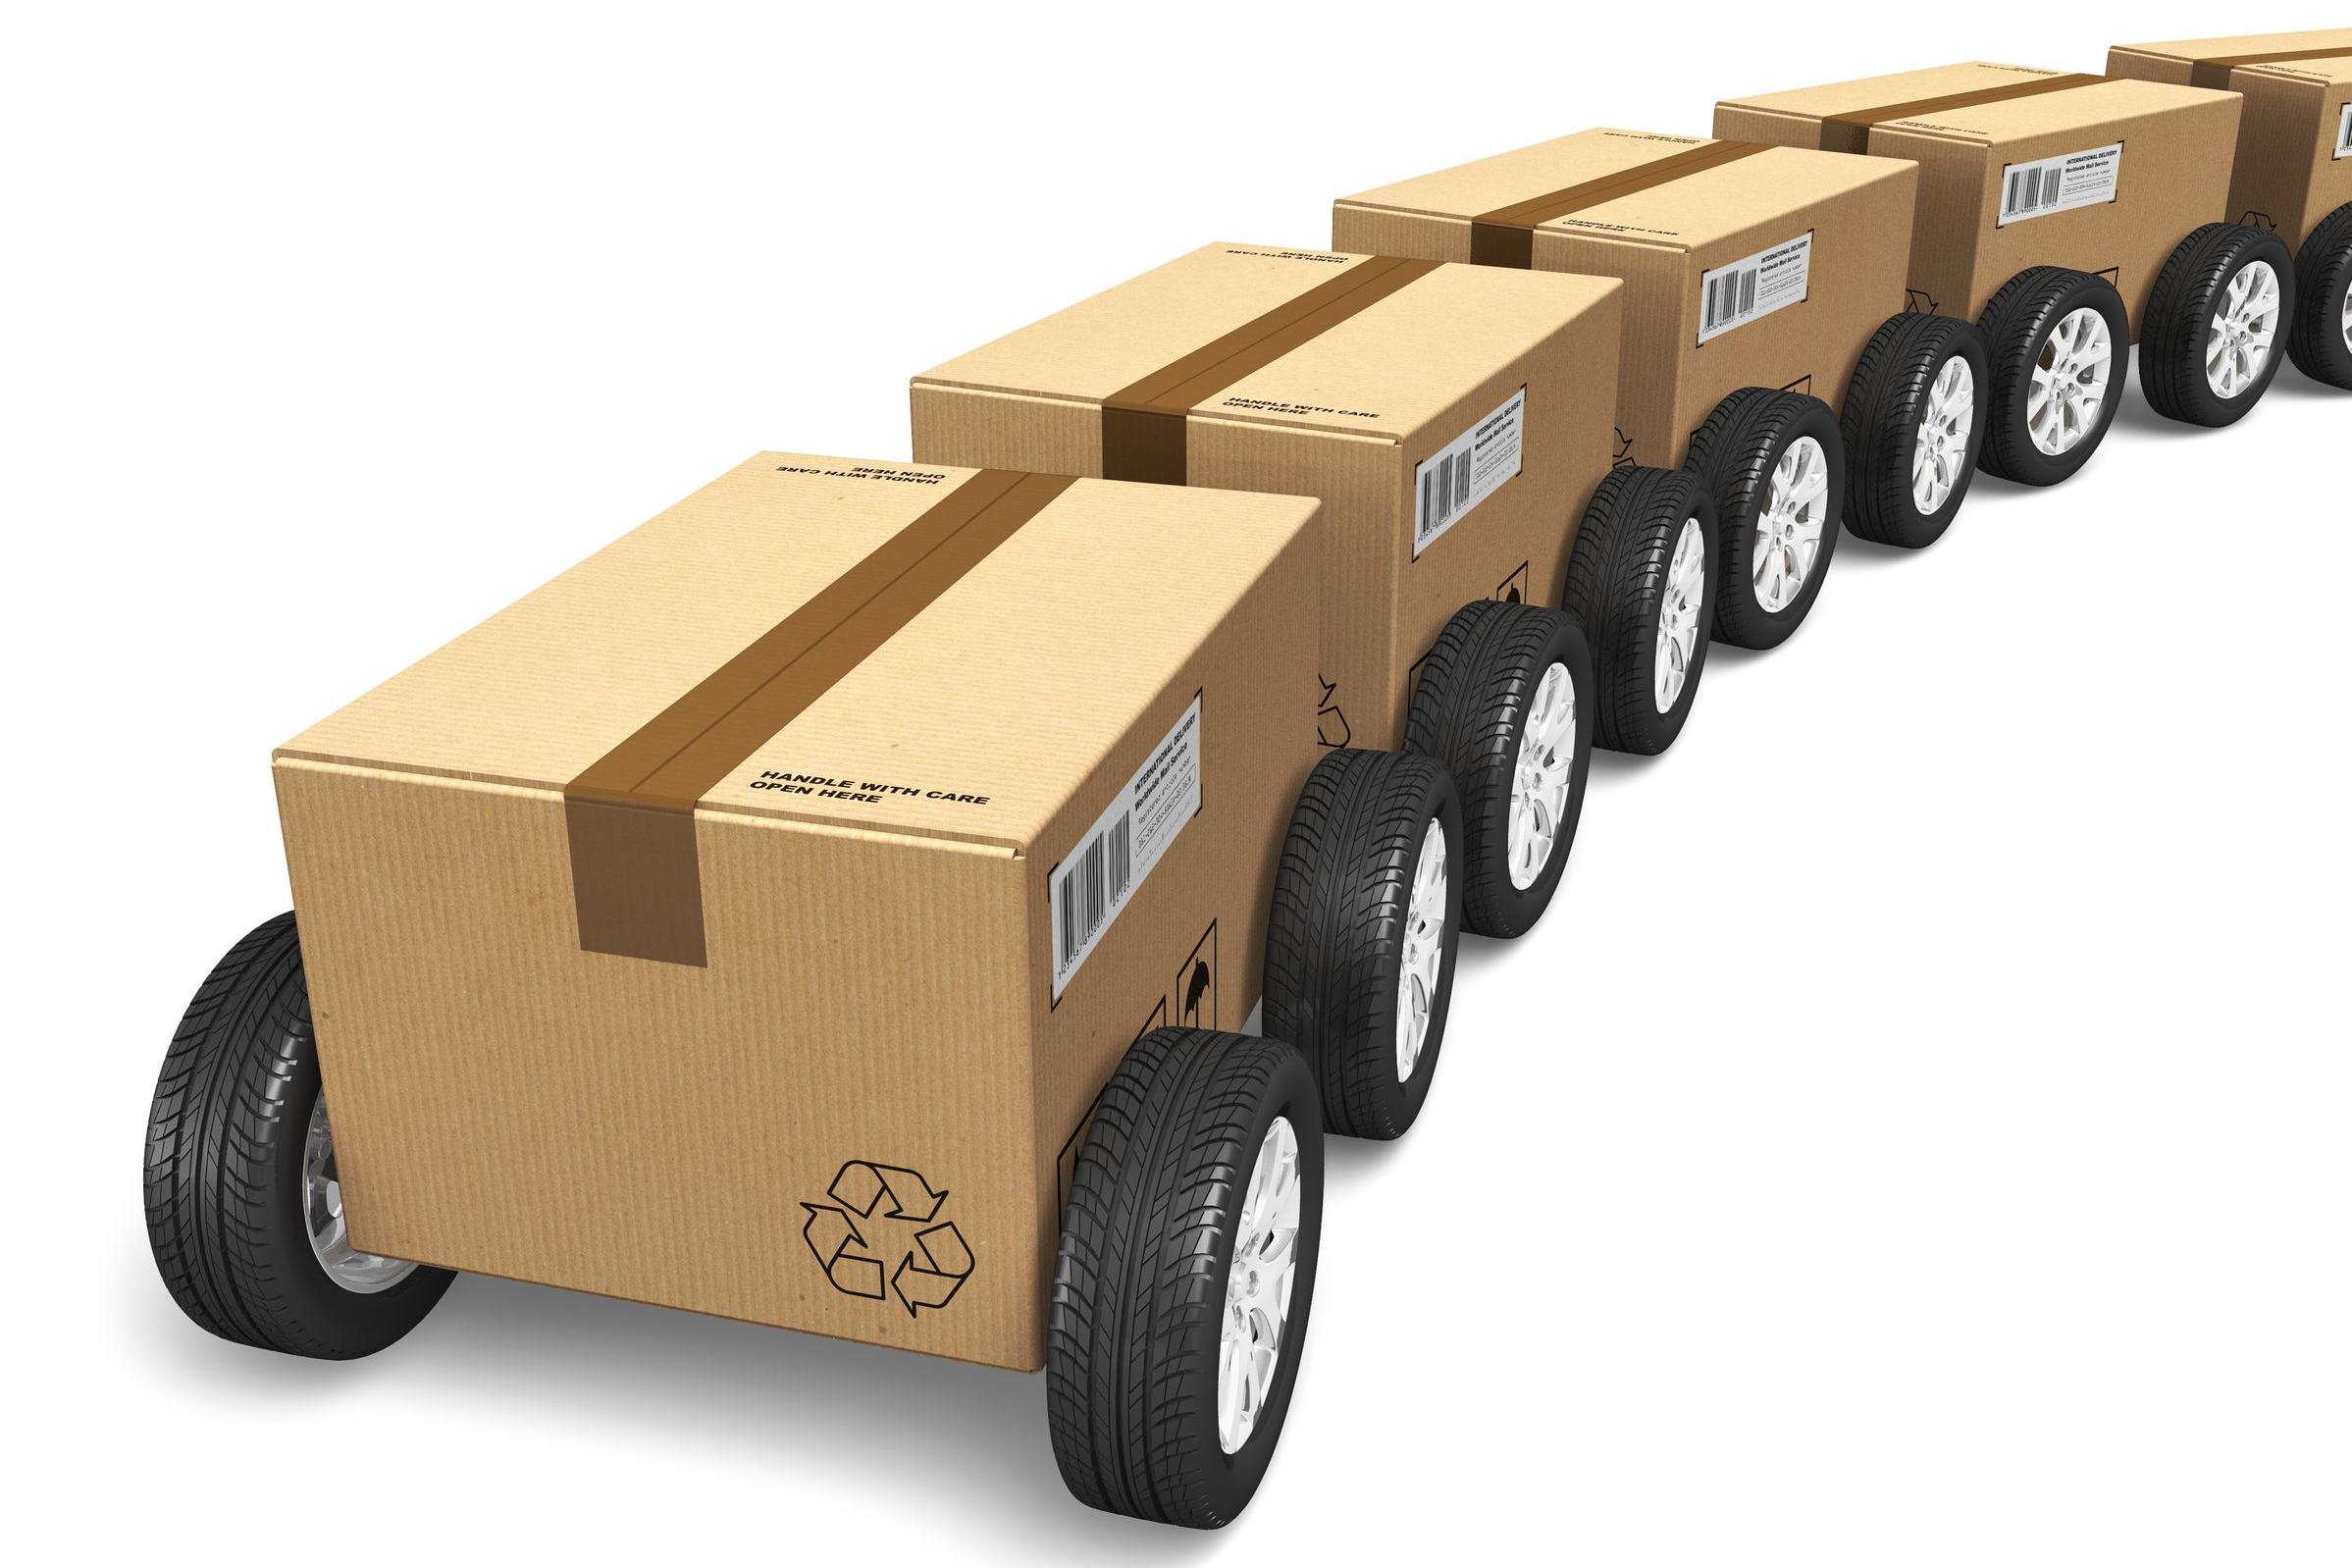 Quali sono le tipologie di AGV più richiesti oggi in ambito Post & Parcel